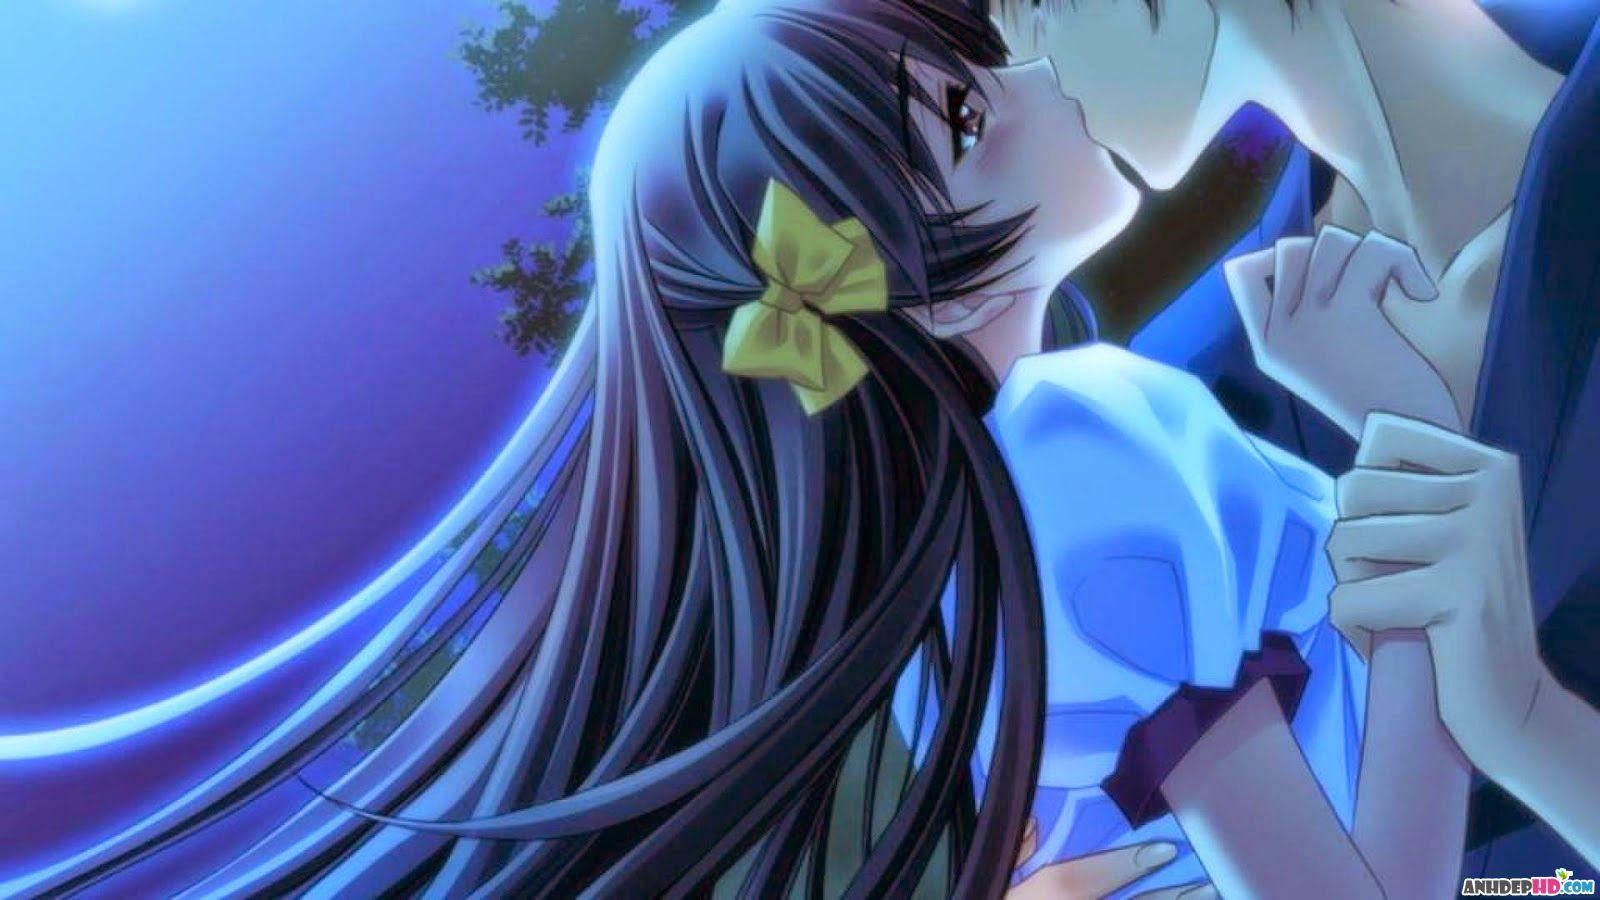 hình nền anime về tình yêu